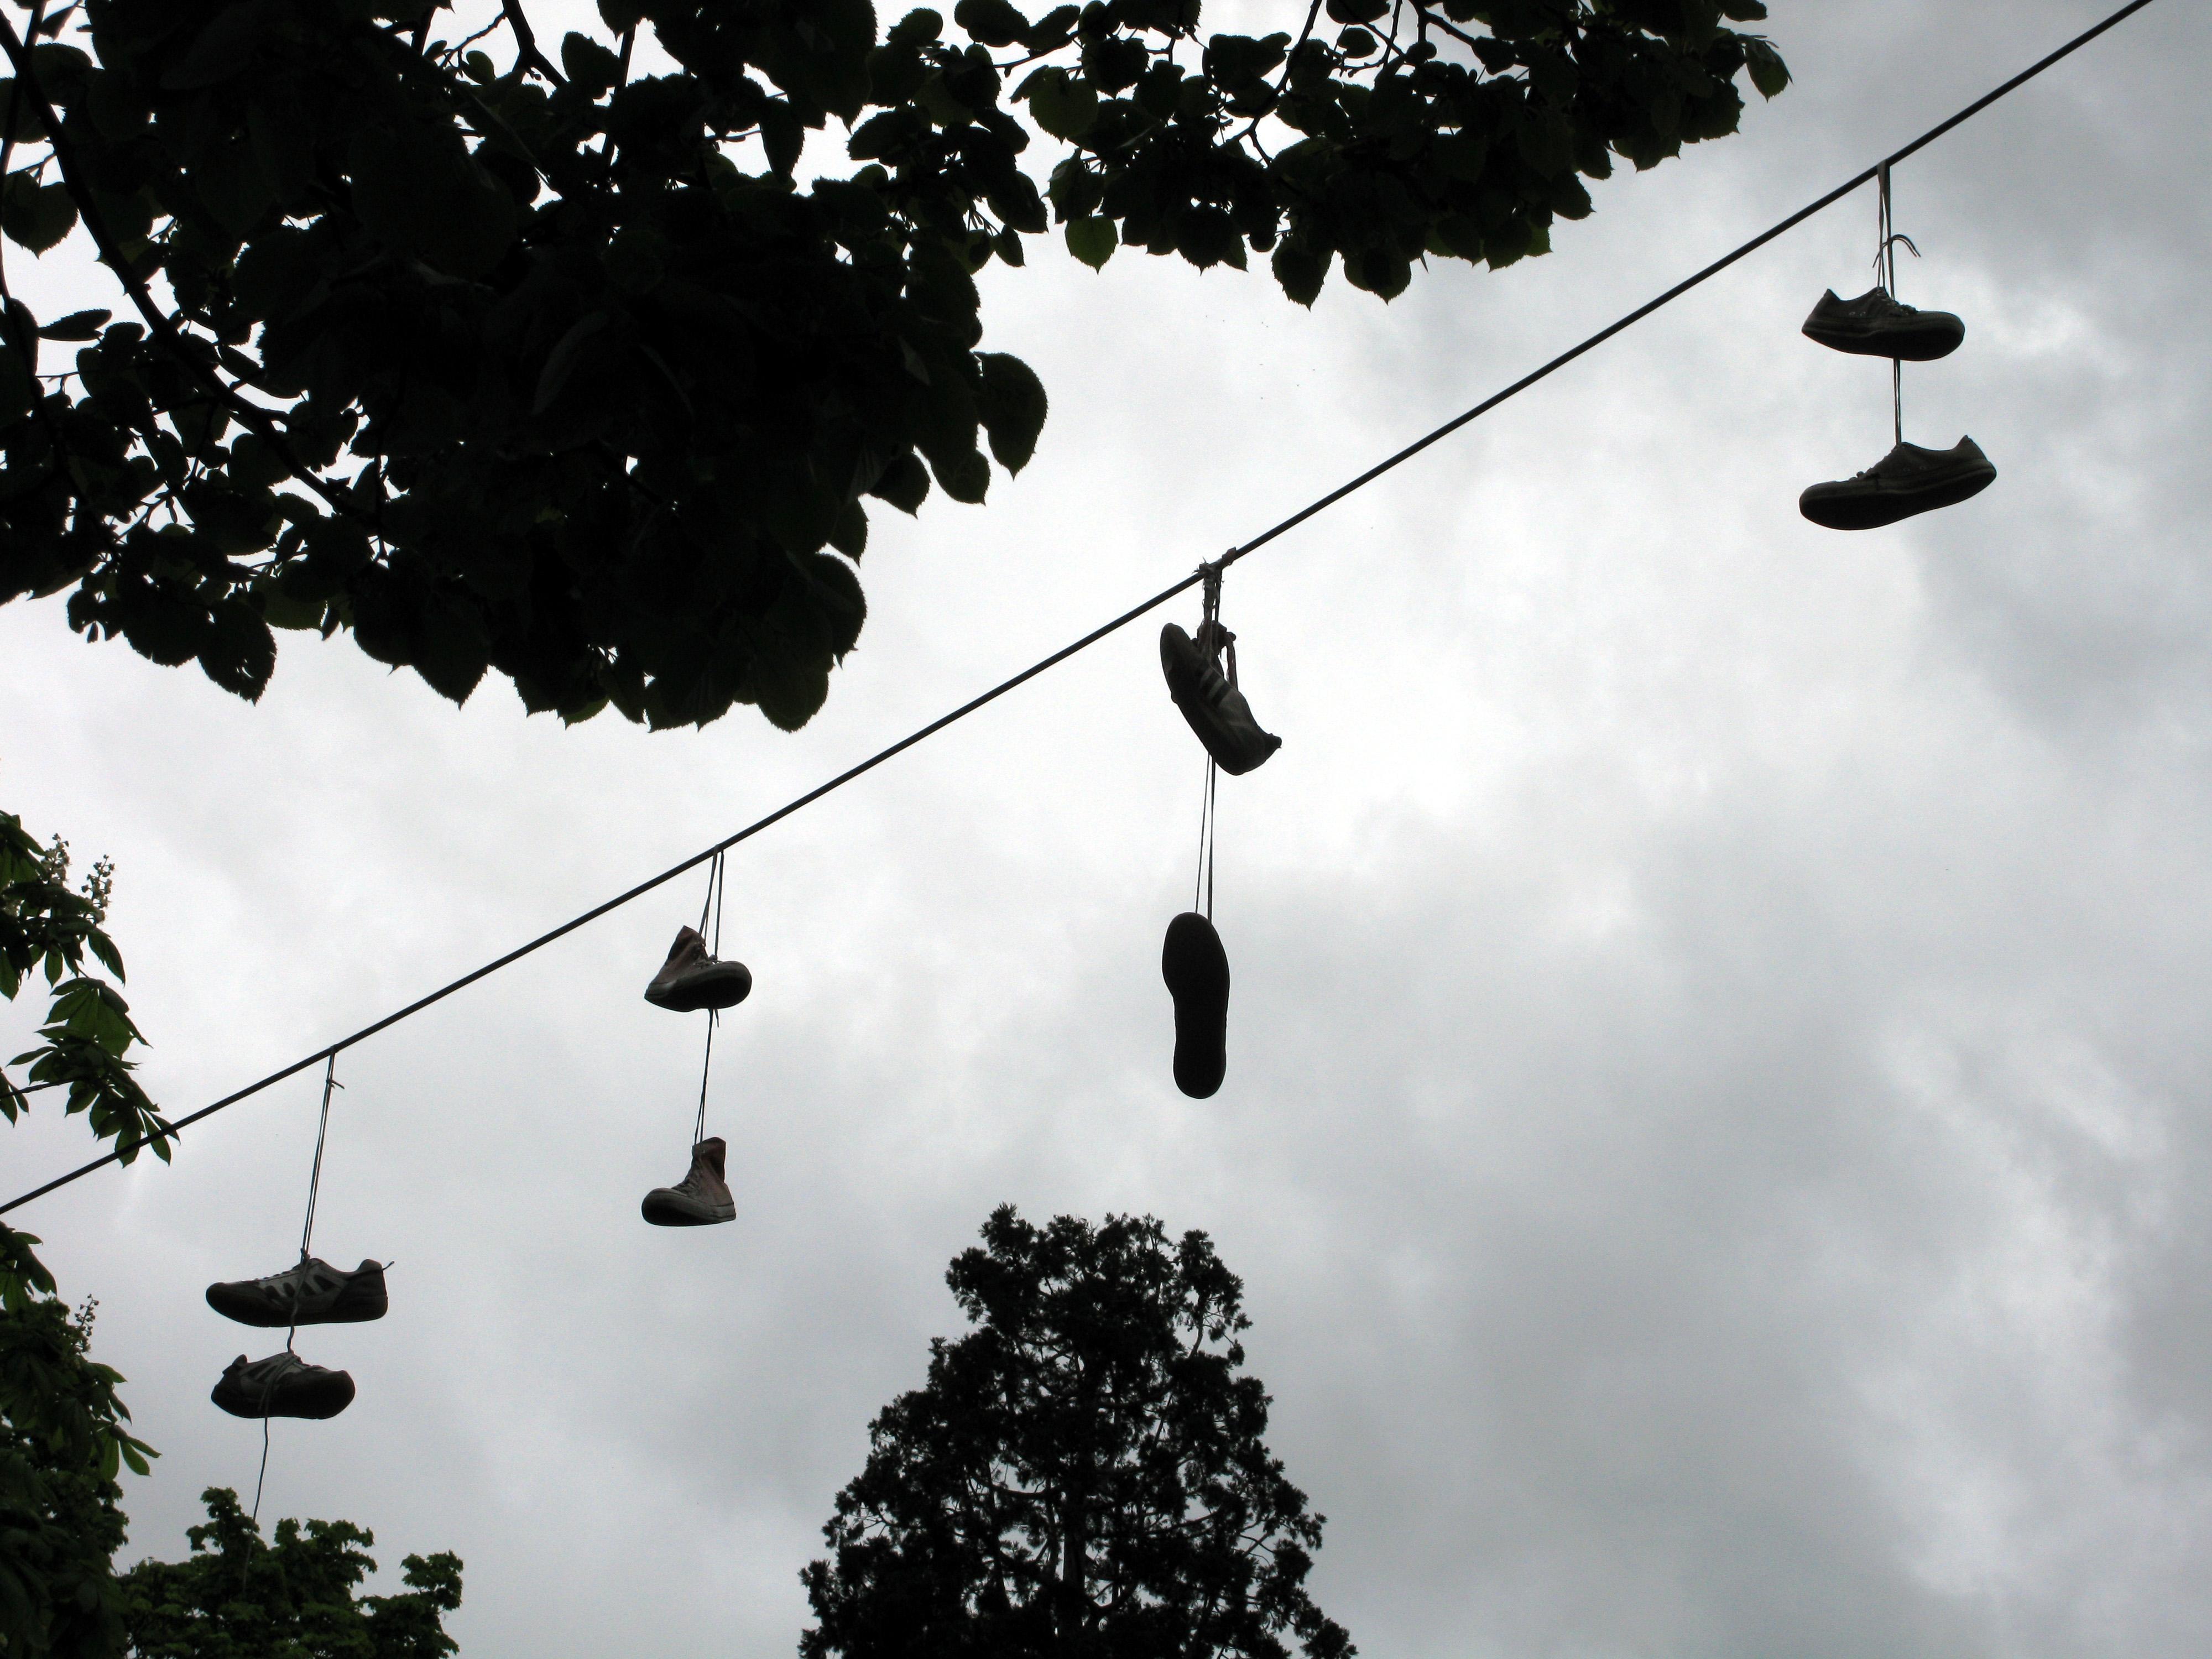 scarpe sui fili della luce significato